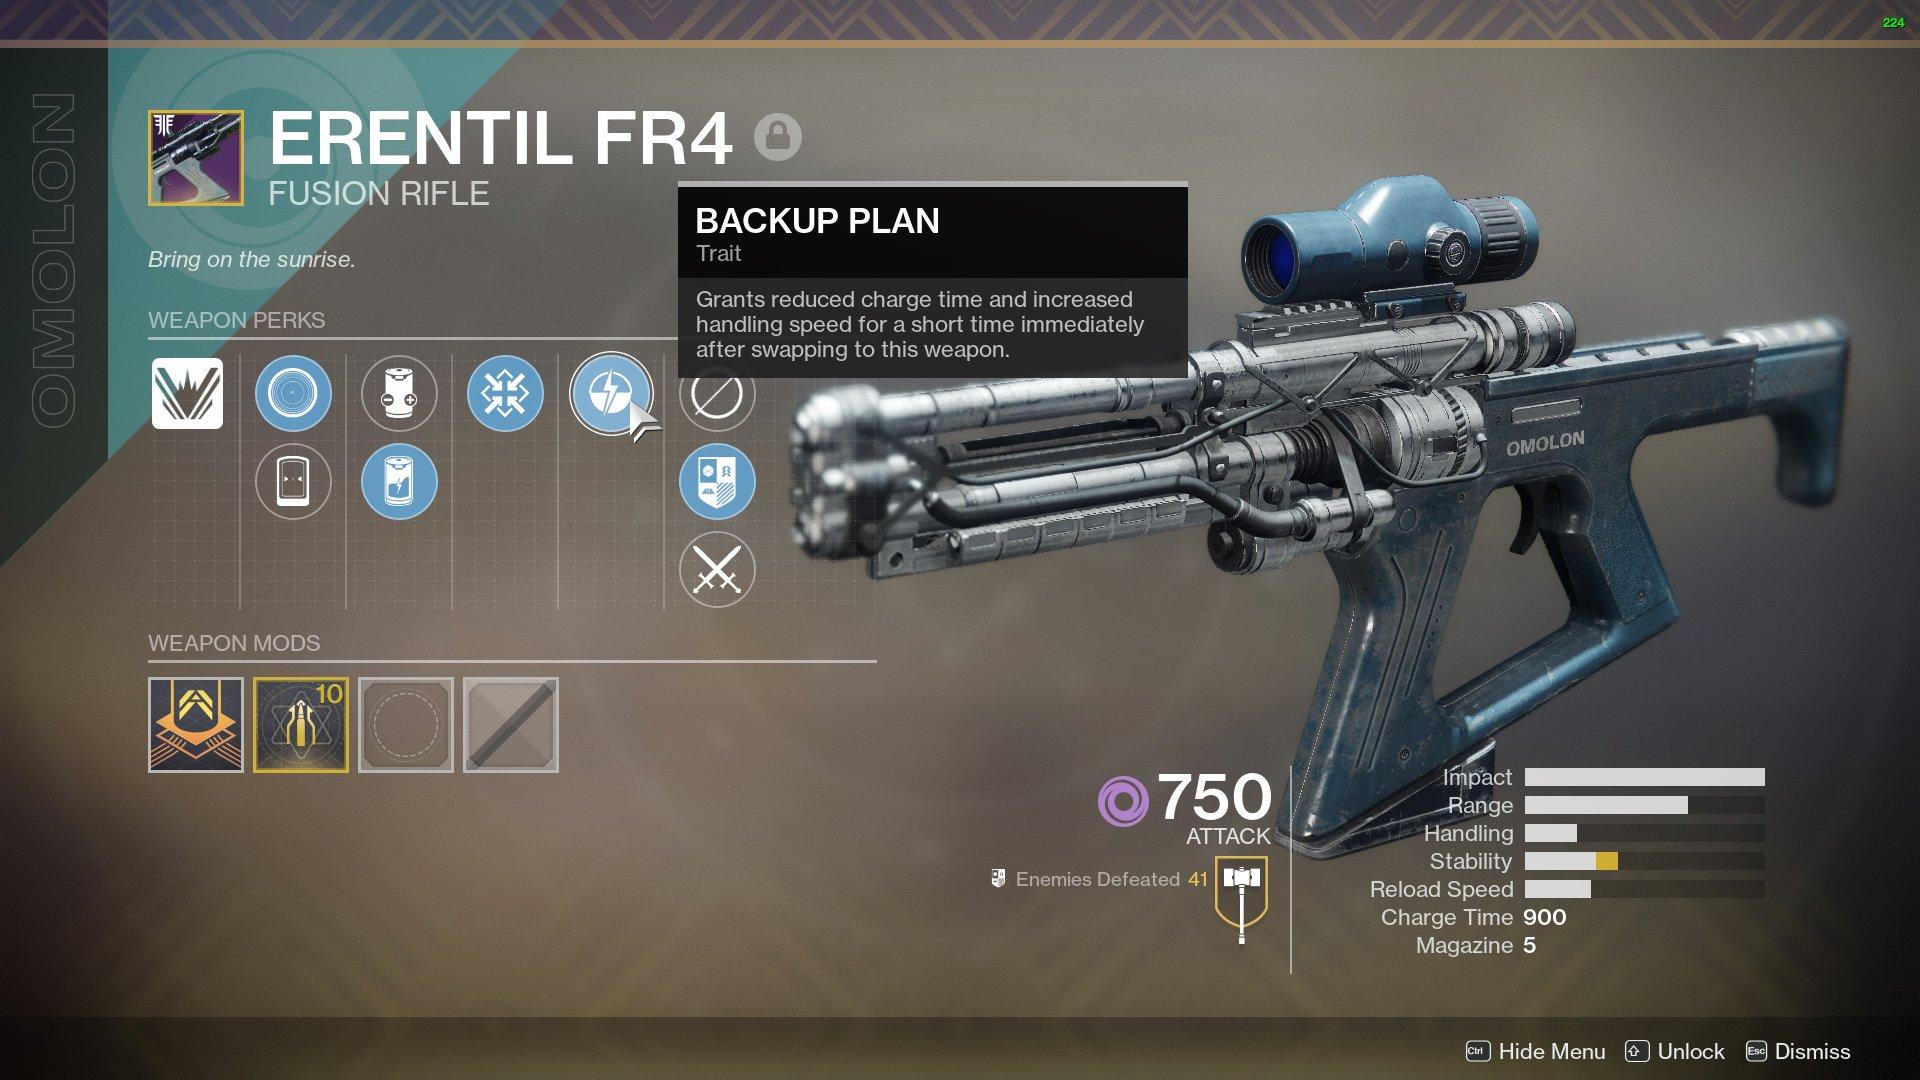 Erentil FR4 god roll Destiny 2